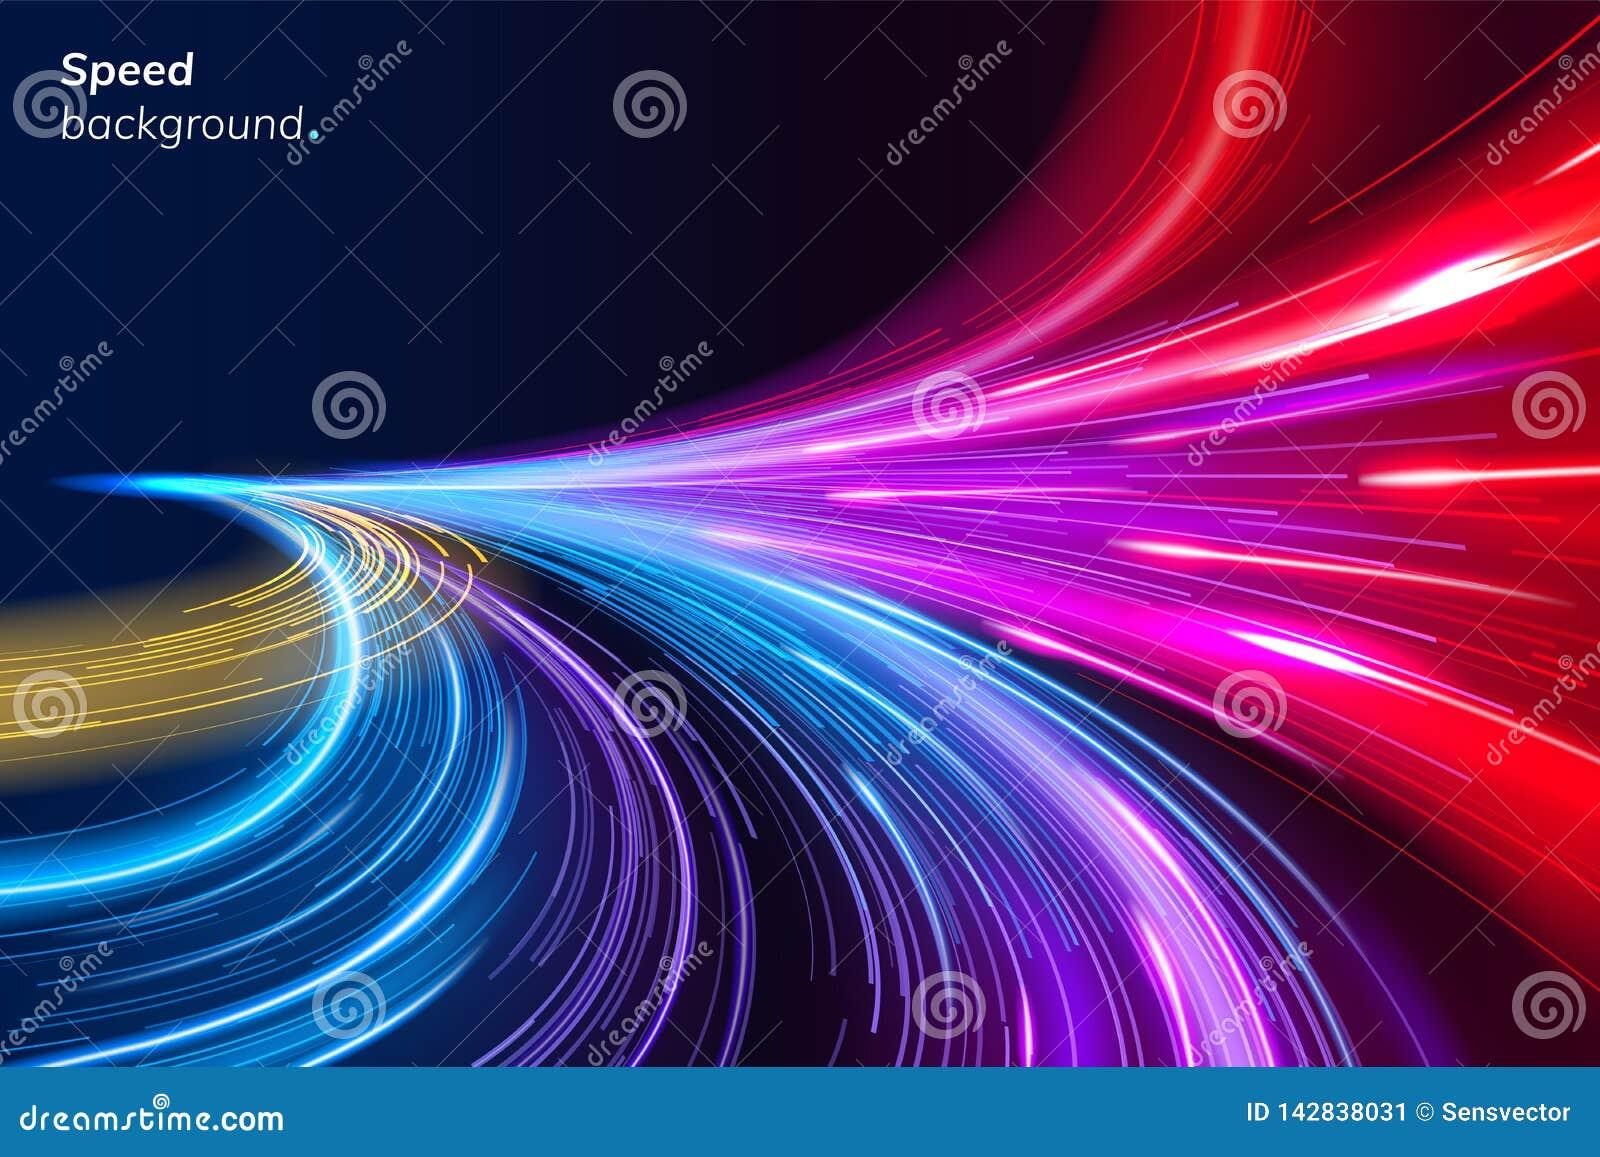 Fundo colorido abstrato da velocidade com linhas